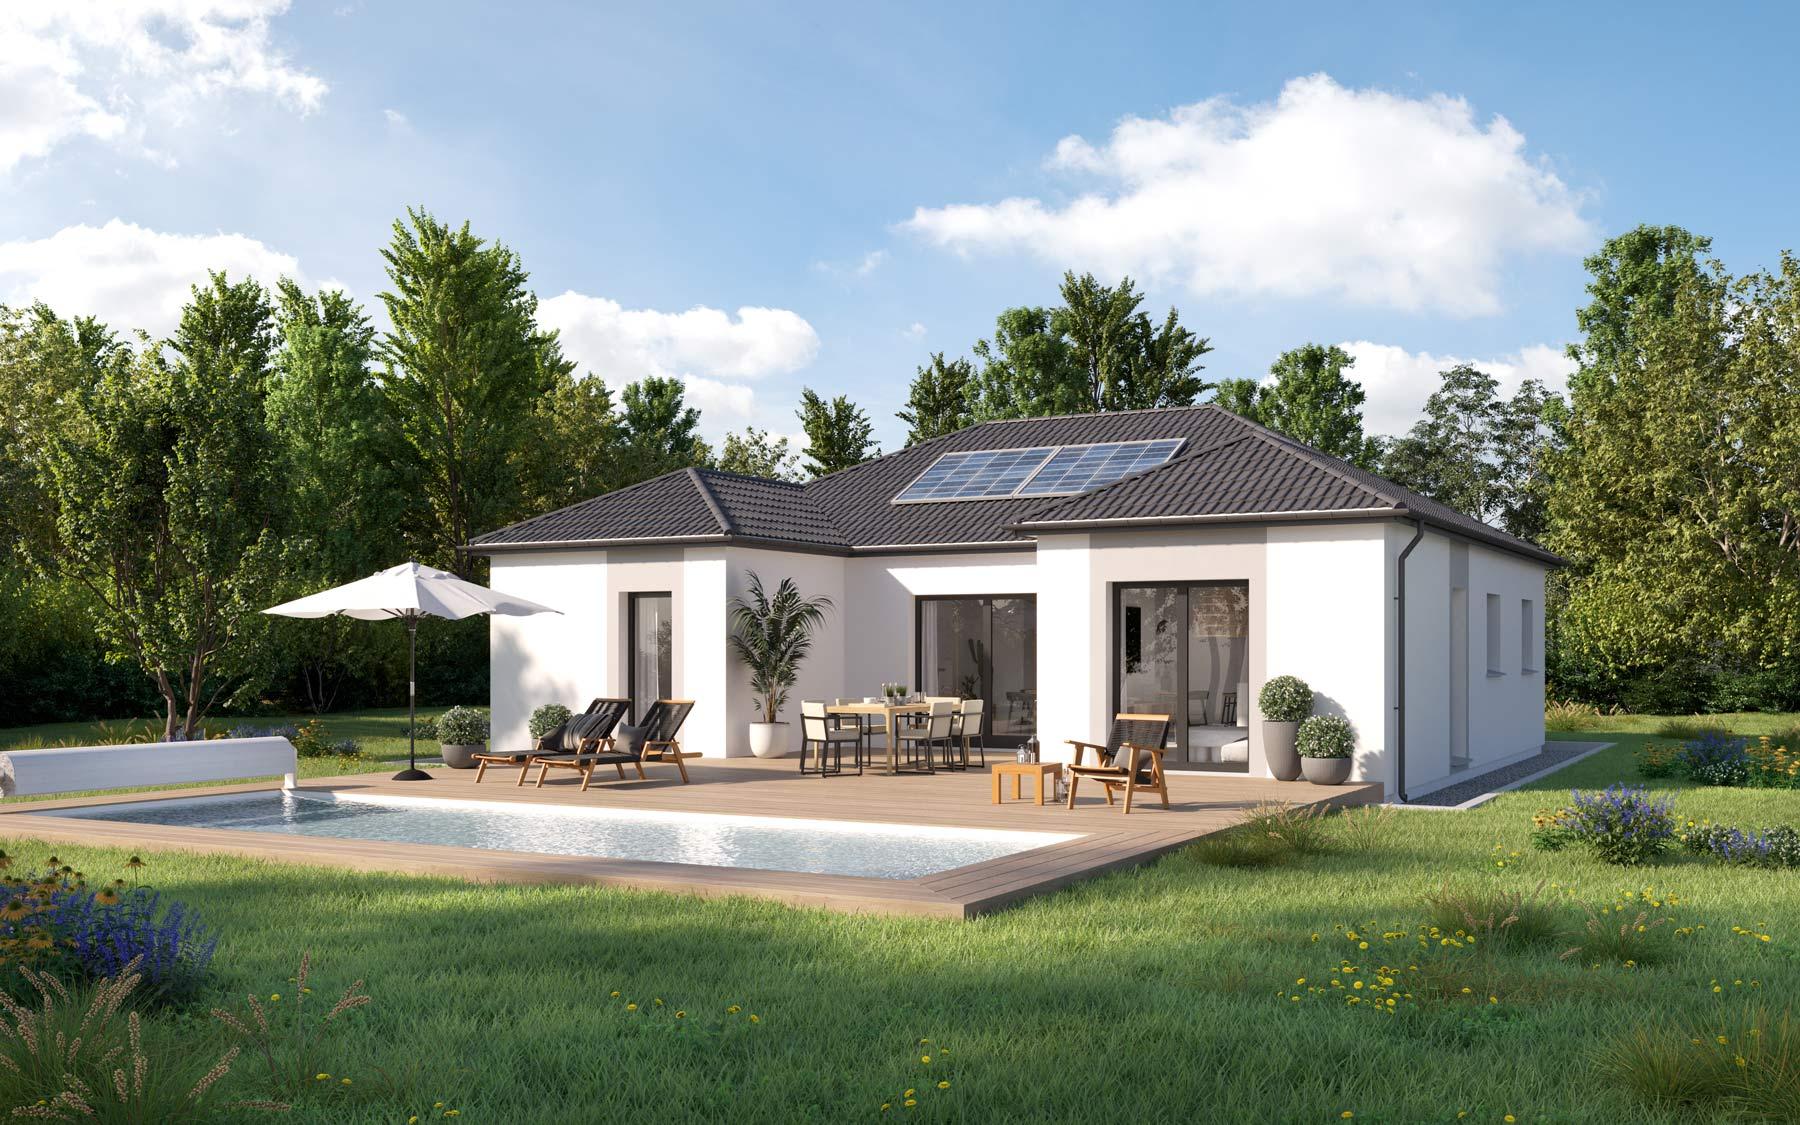 Prix Construction Maison Maisons Oxeo Constructeur De Maisons